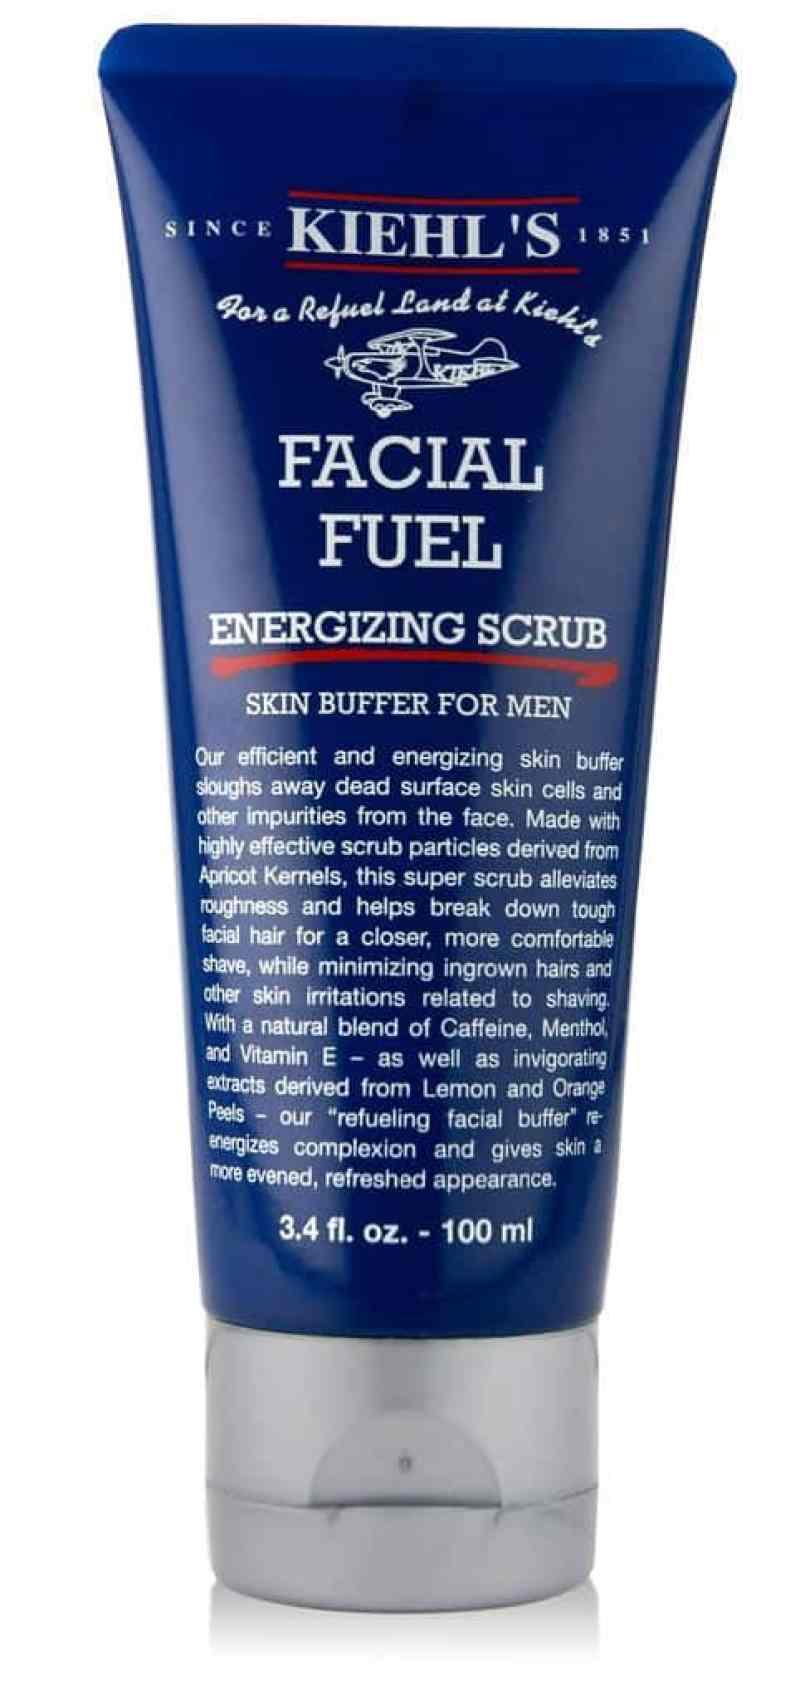 Kiehls-facial-fuel-energizing-scrub